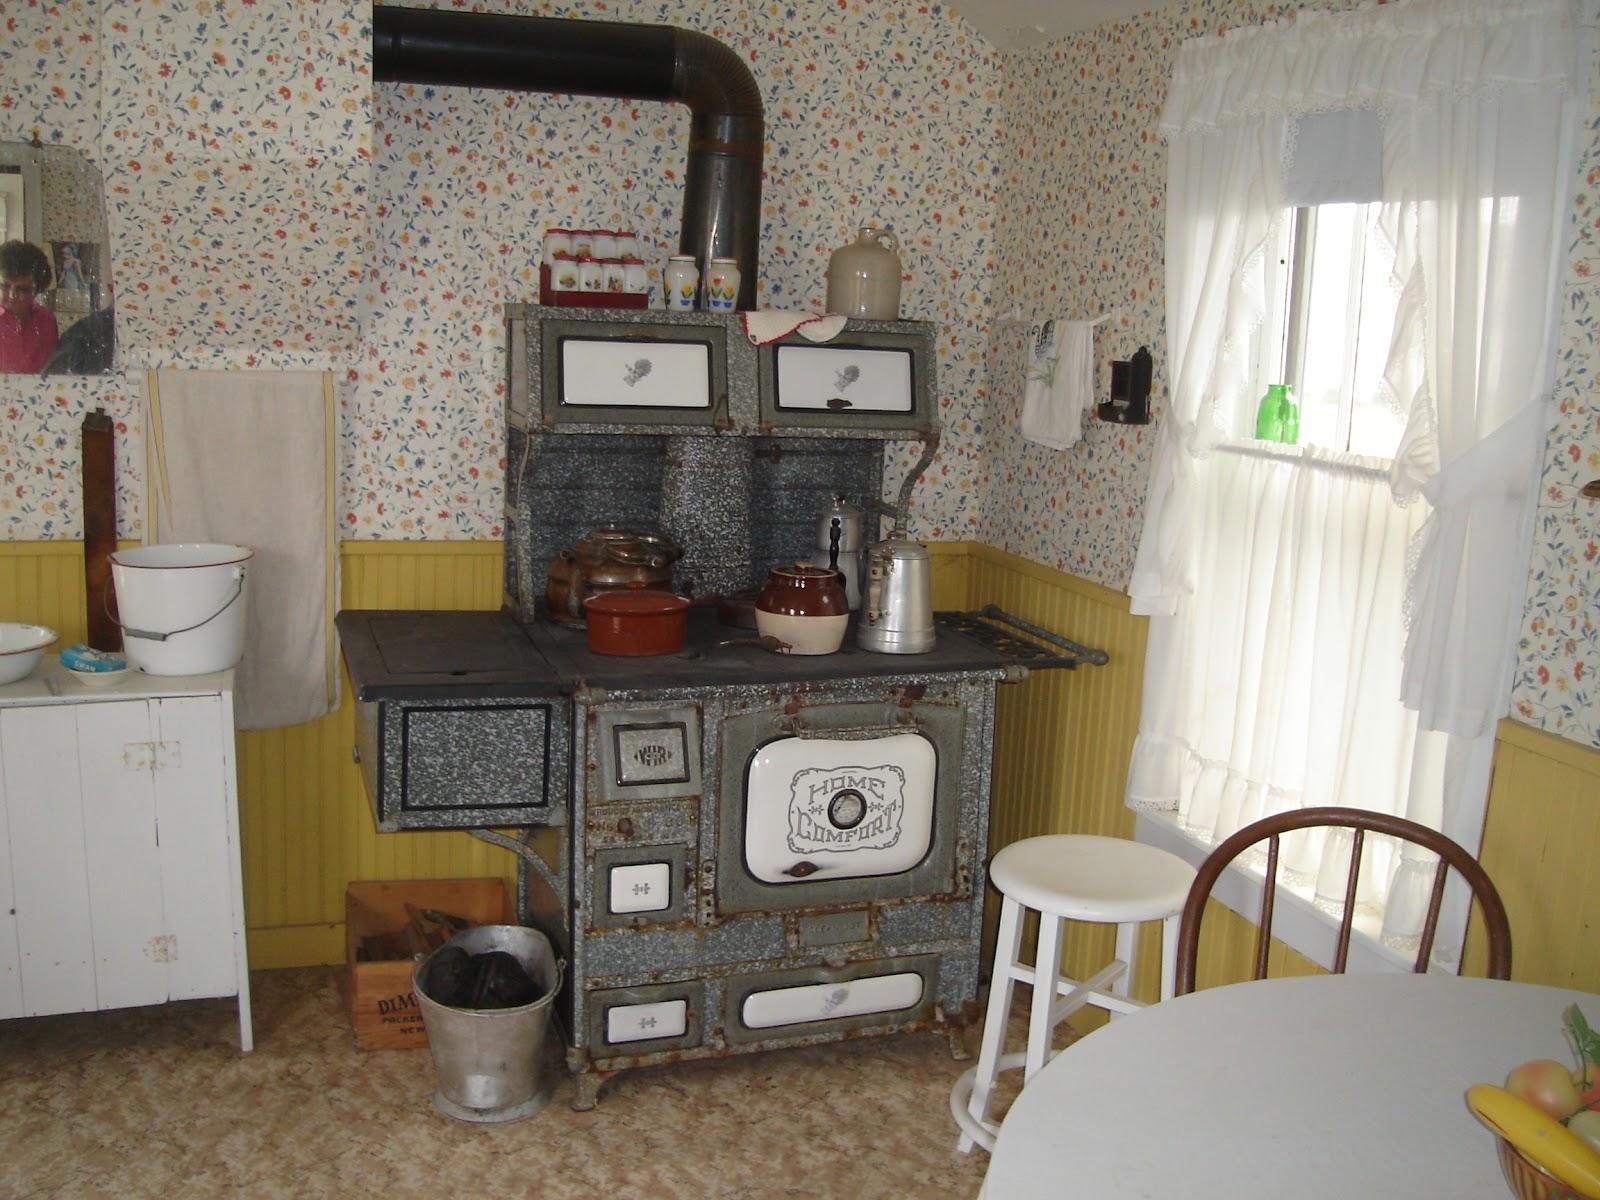 Strawberry Kitchen CabiDecals